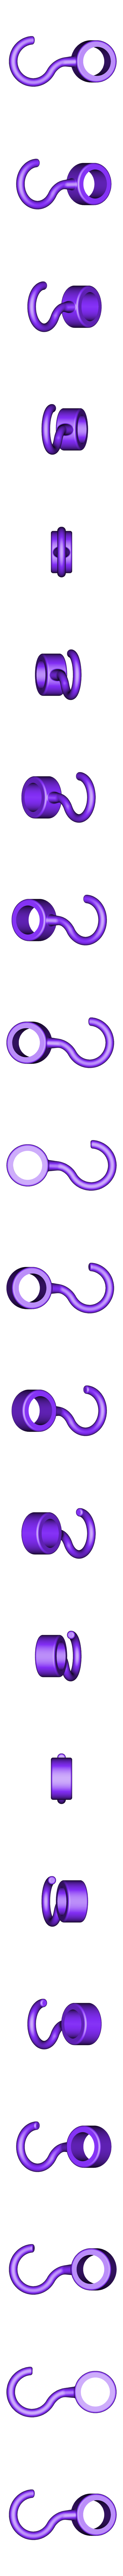 Large_hook_2.STL Download free STL file Hook & Hanger System • 3D printing object, Festus440